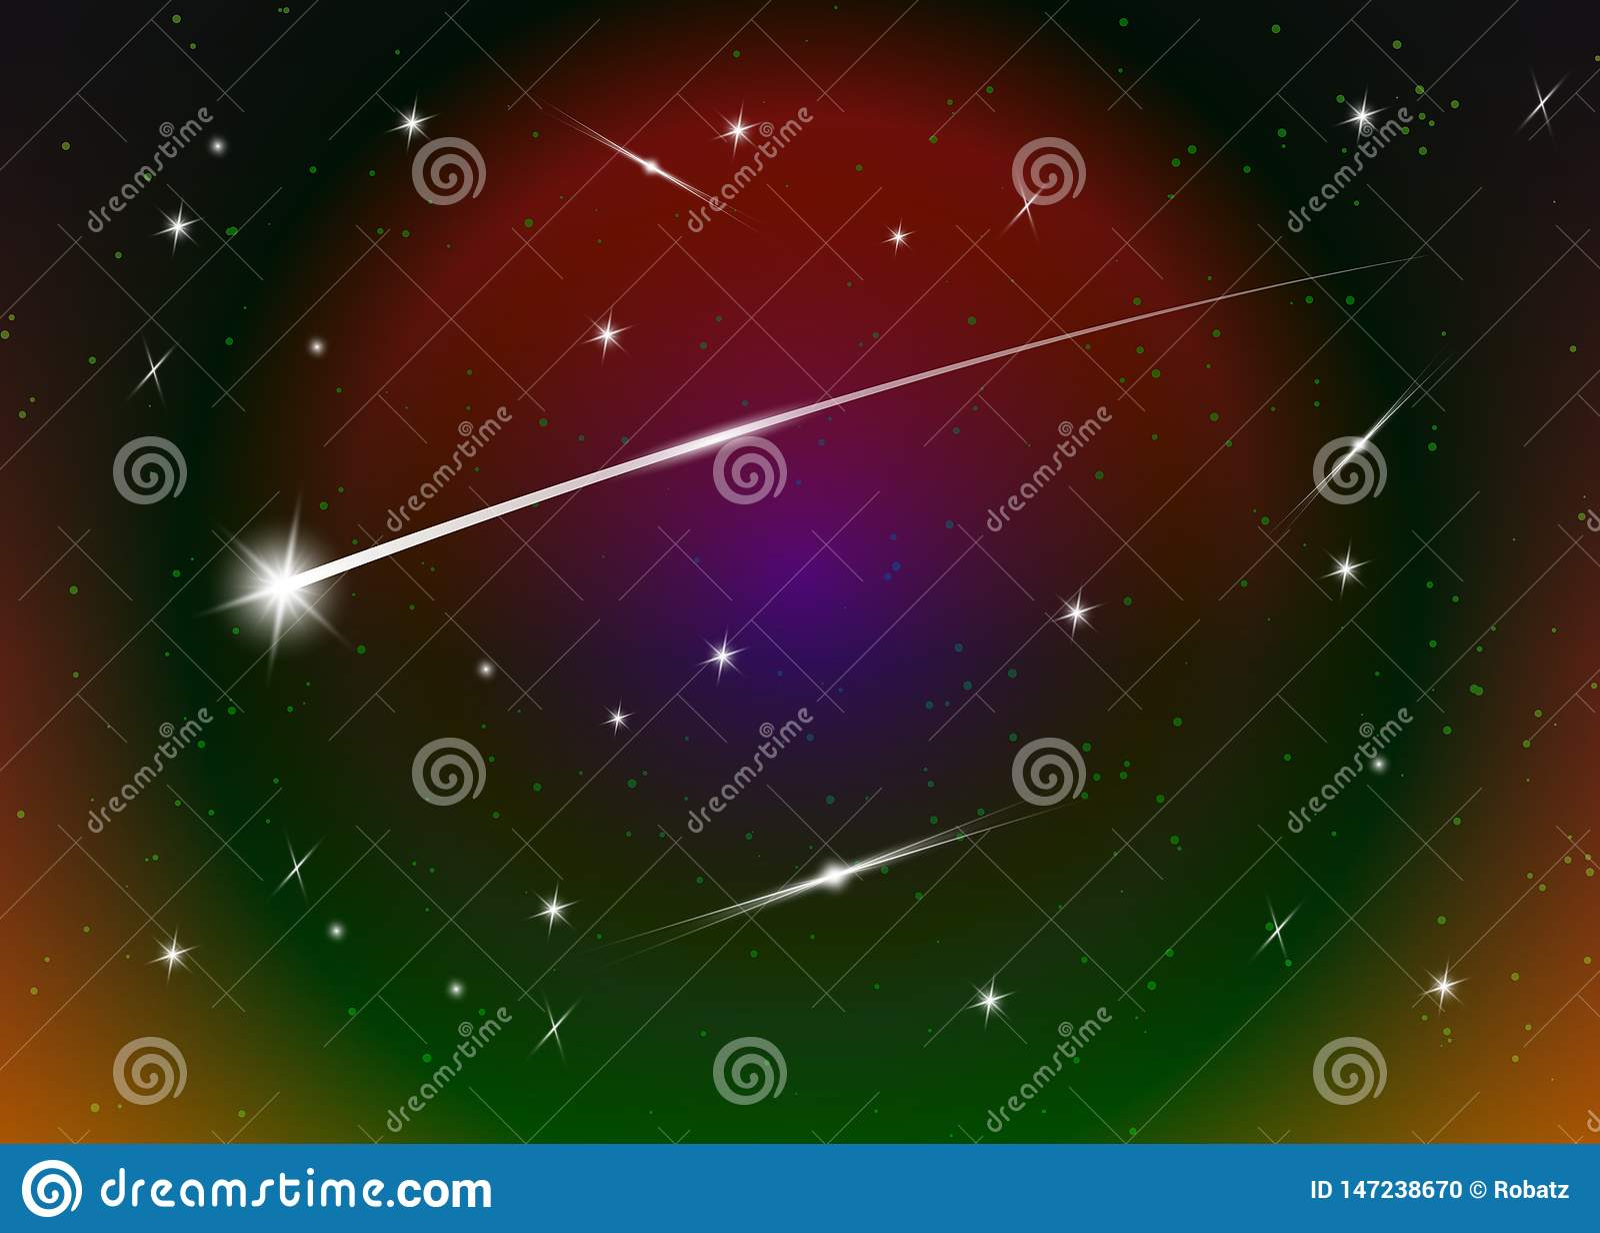 Fundo contra a obscuridade - c?u noturno estrelado azul da estrela de tiro, ilustra??o do vetor Fundo do espa?o Galáxia colorida